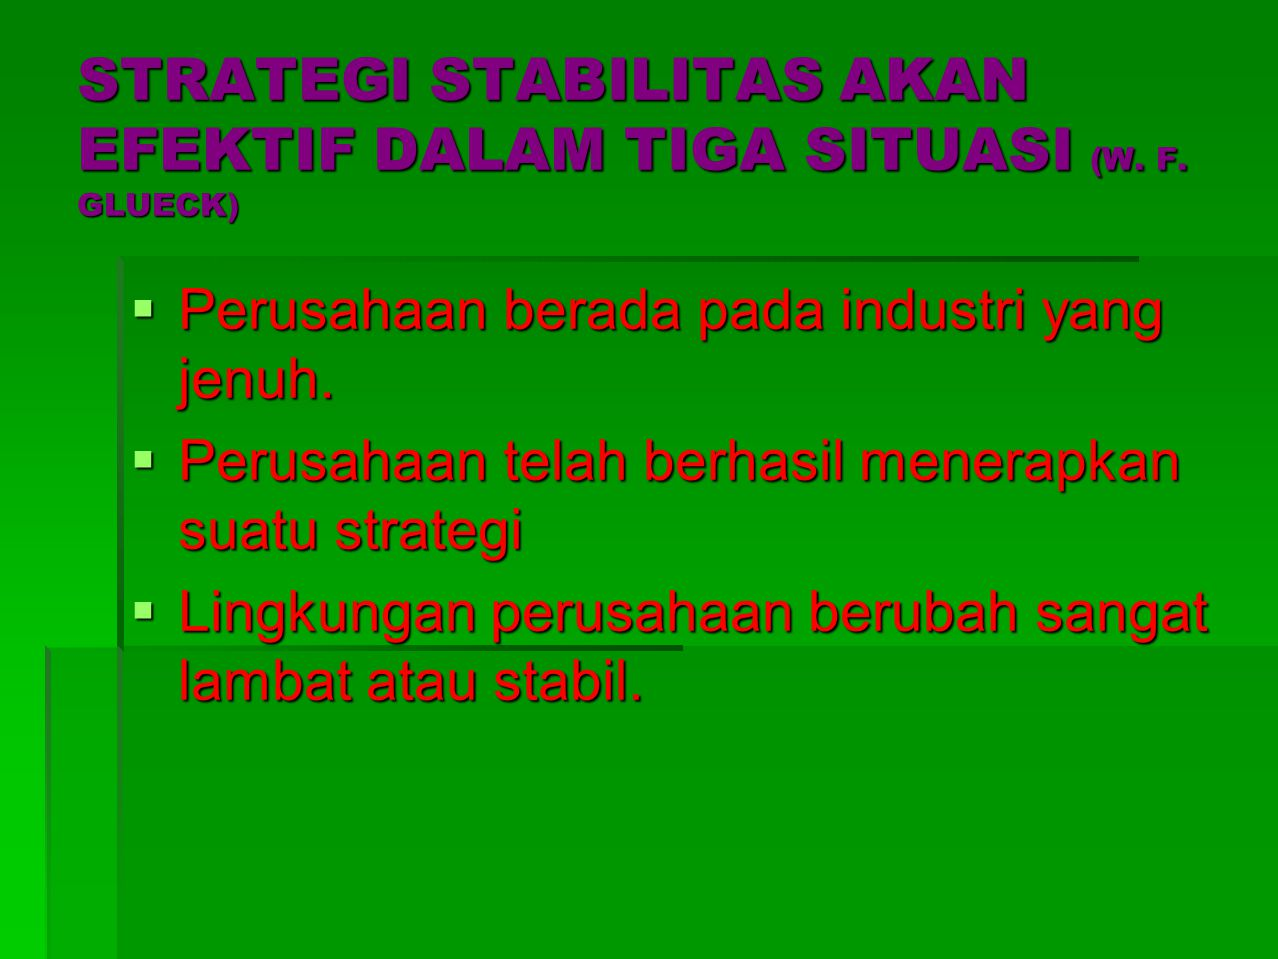 STRATEGI STABILITAS AKAN EFEKTIF DALAM TIGA SITUASI (W. F. GLUECK)